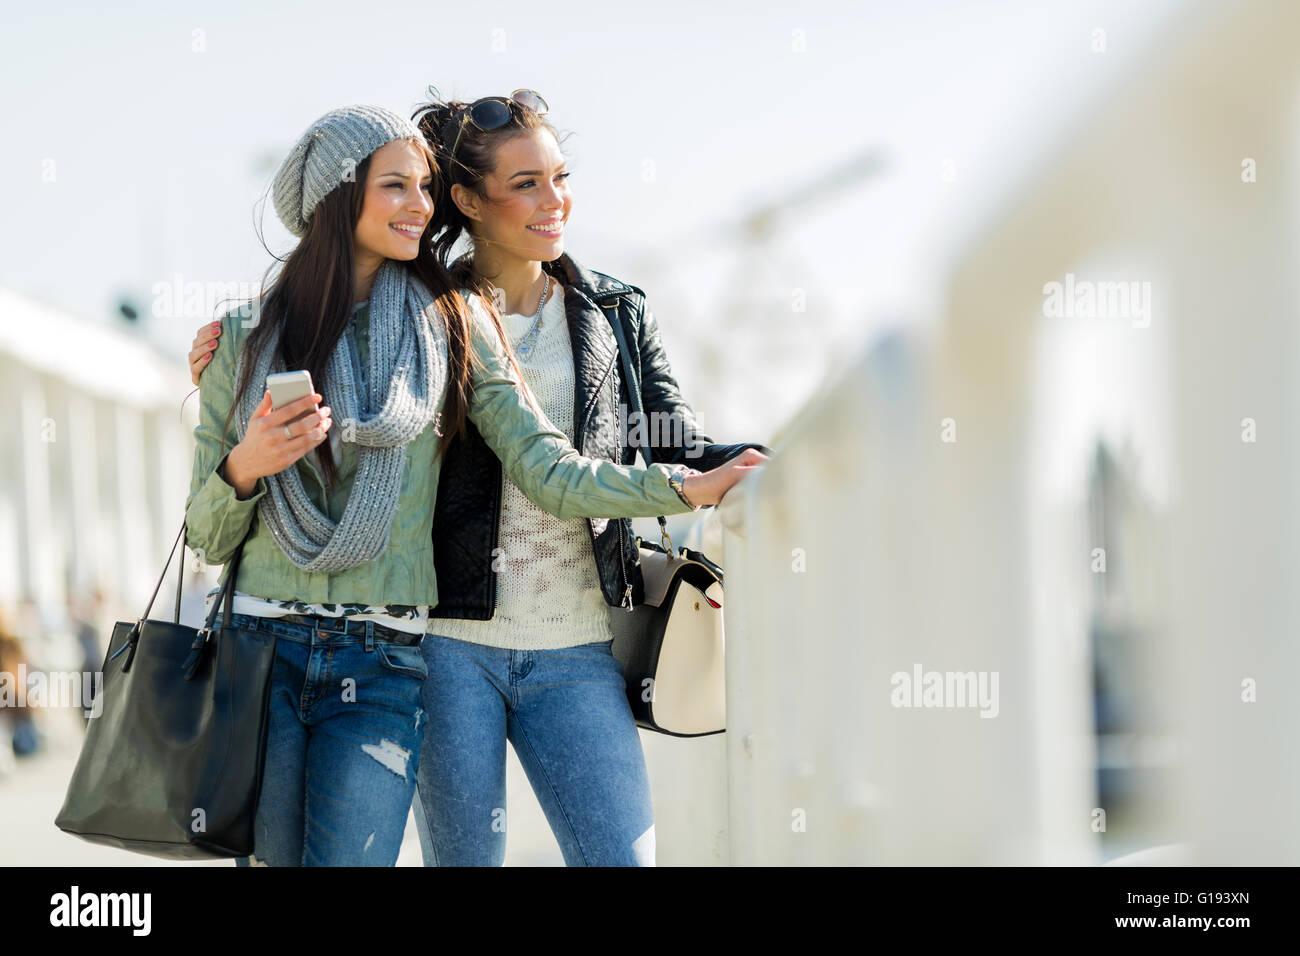 Zwei junge und schöne Frauen auf der Suche über einen Dock-Zaun Stockbild